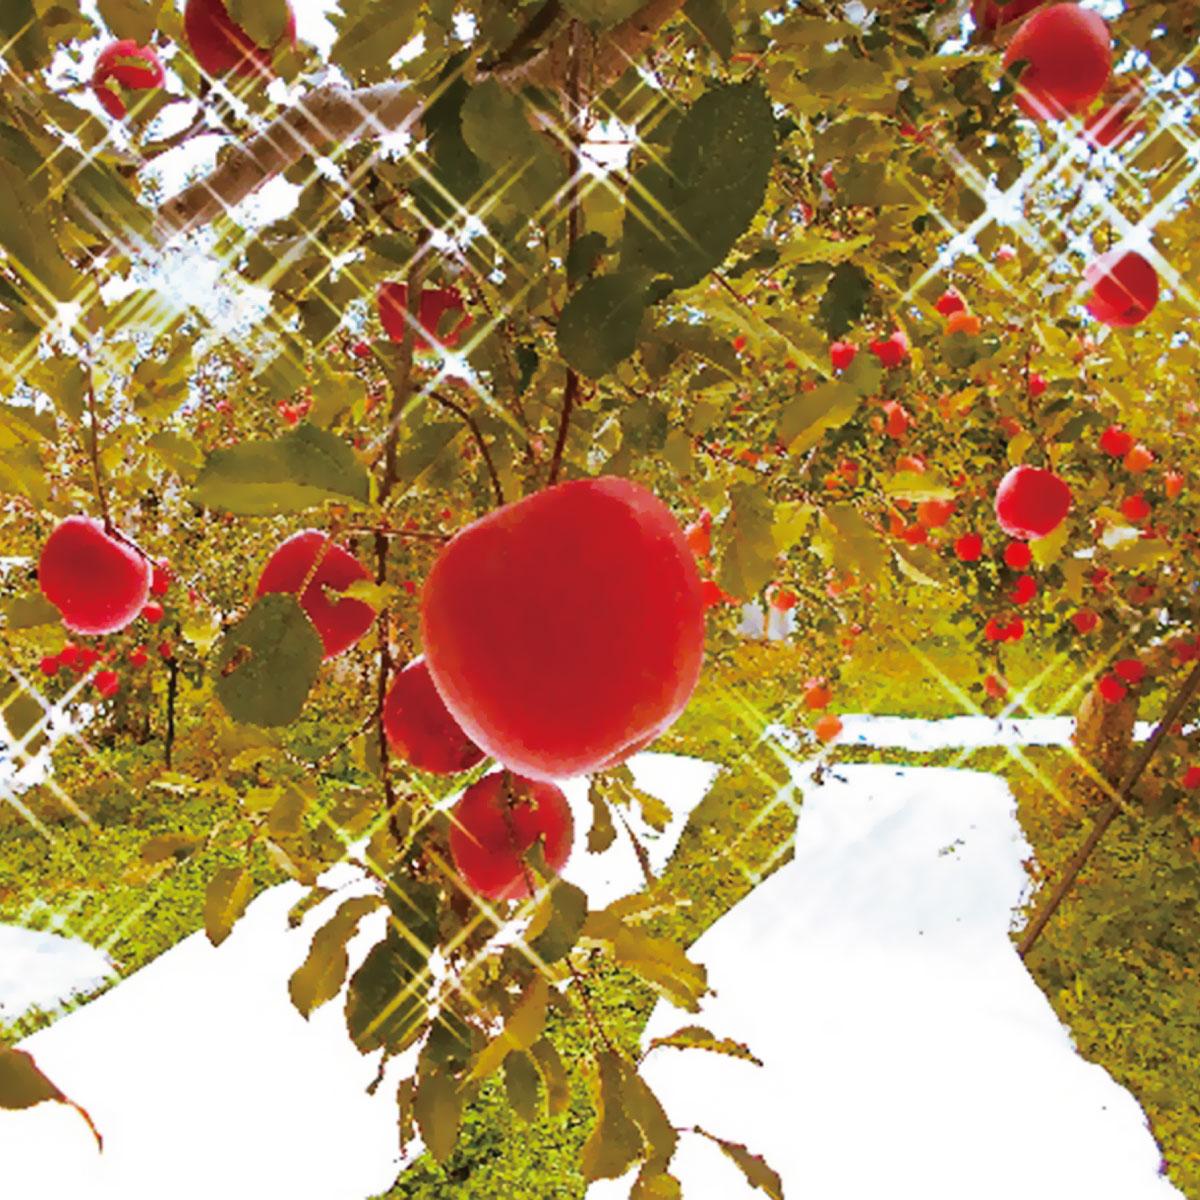 【ふるさと納税】【先行予約】≪11月上旬~順次発送≫朝採りサンふじ(林檎) 5kg【果物類・フルーツ・リンゴ・りんご】